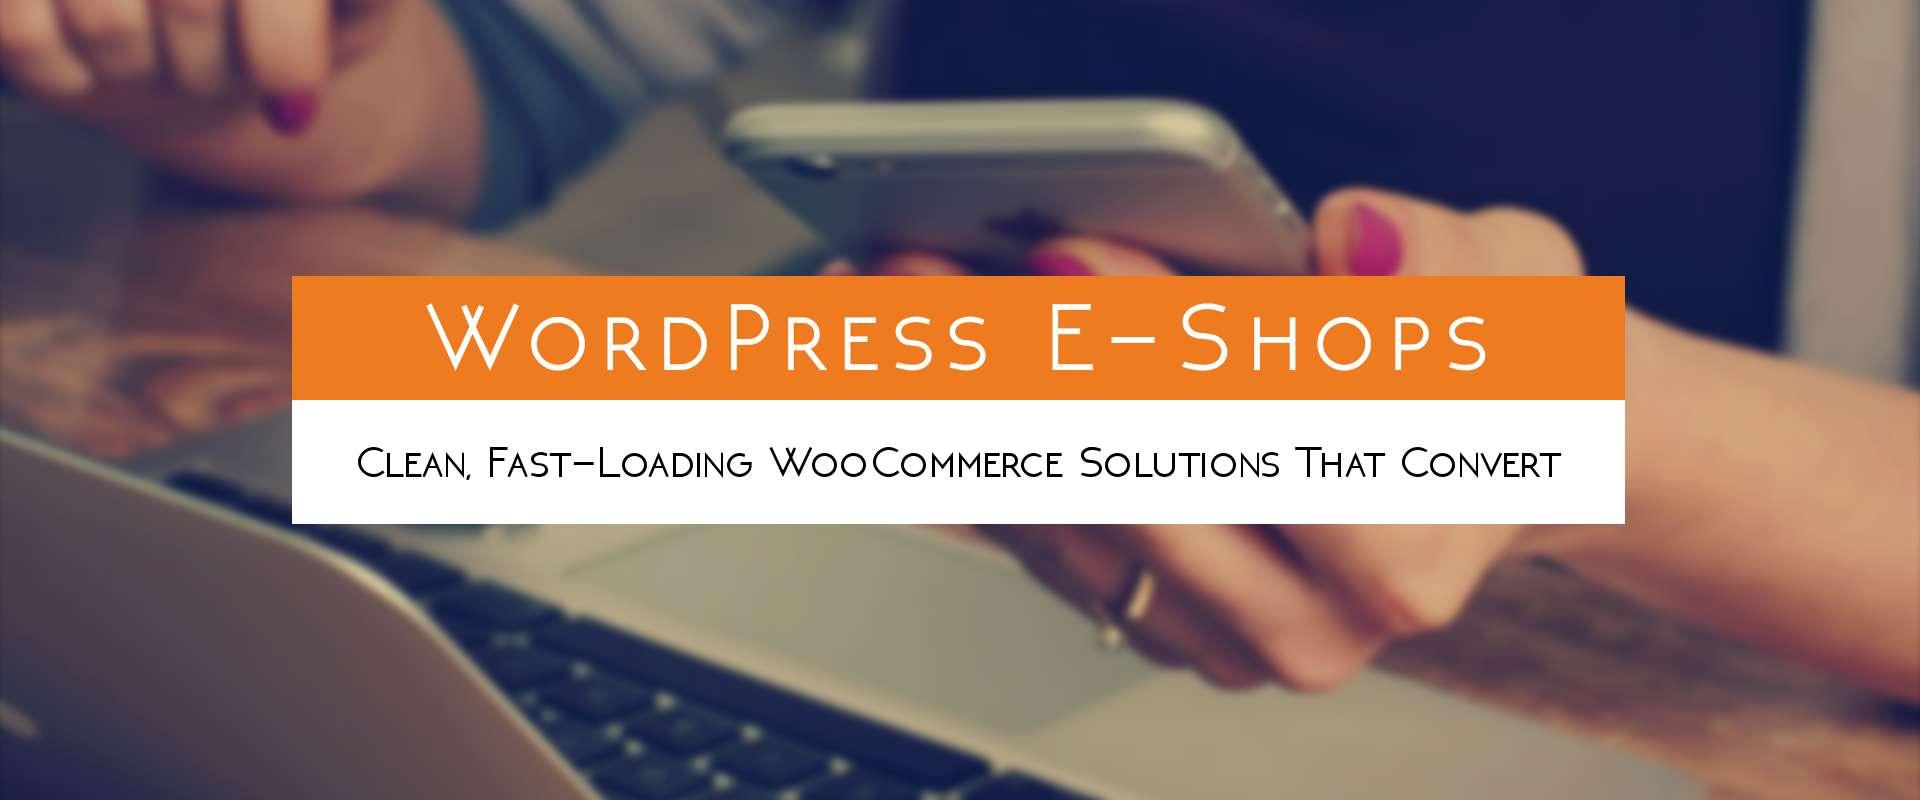 Κατασκευή eShop με WooCommerce